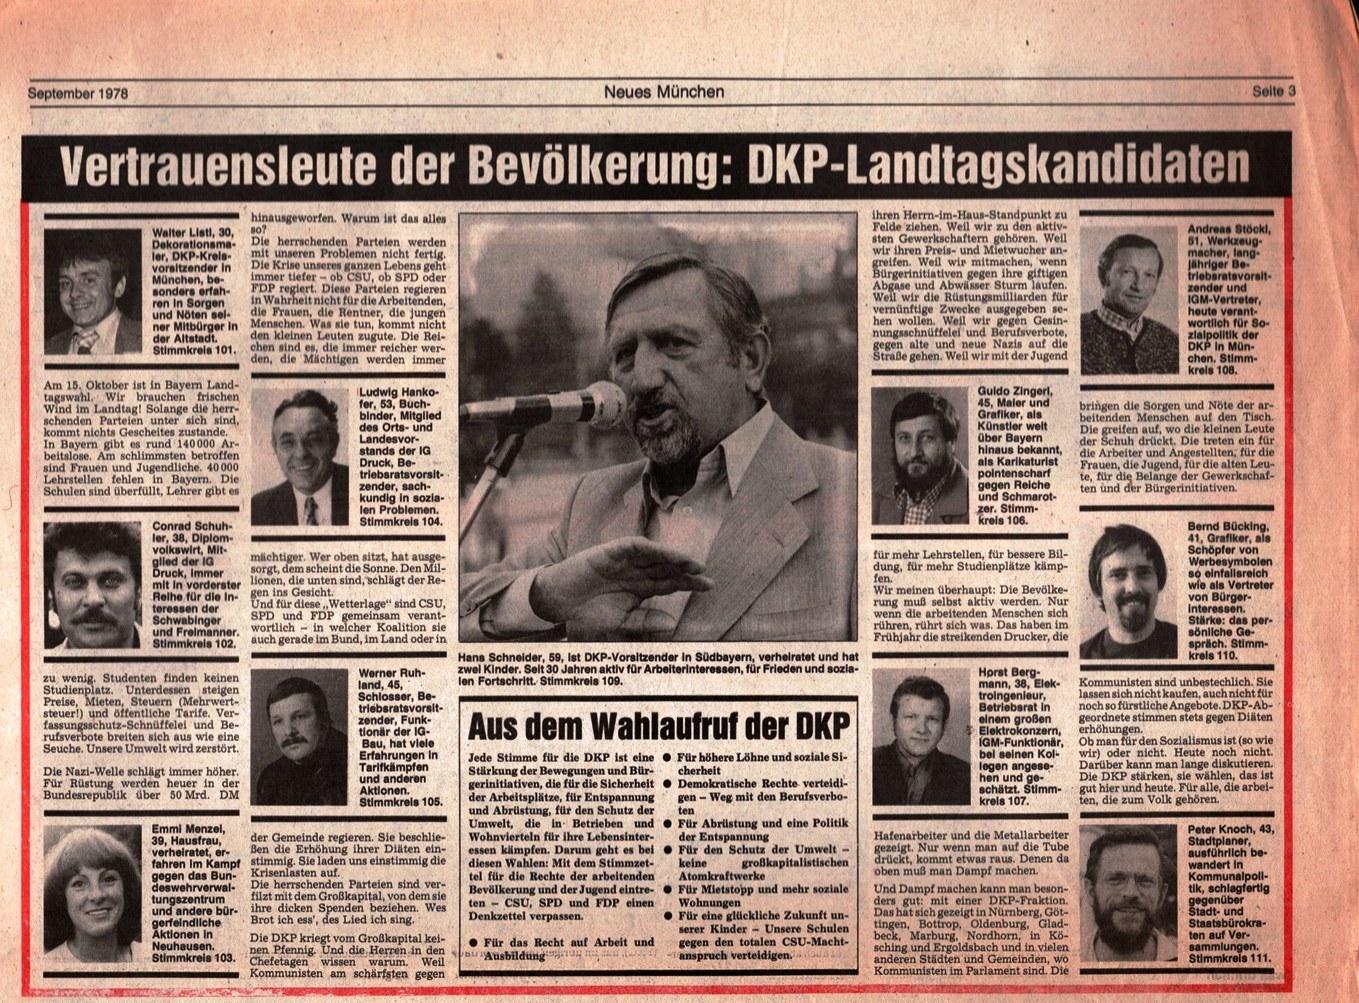 Muenchen_DKP_Neues_Muenchen_19780900_008_009_005